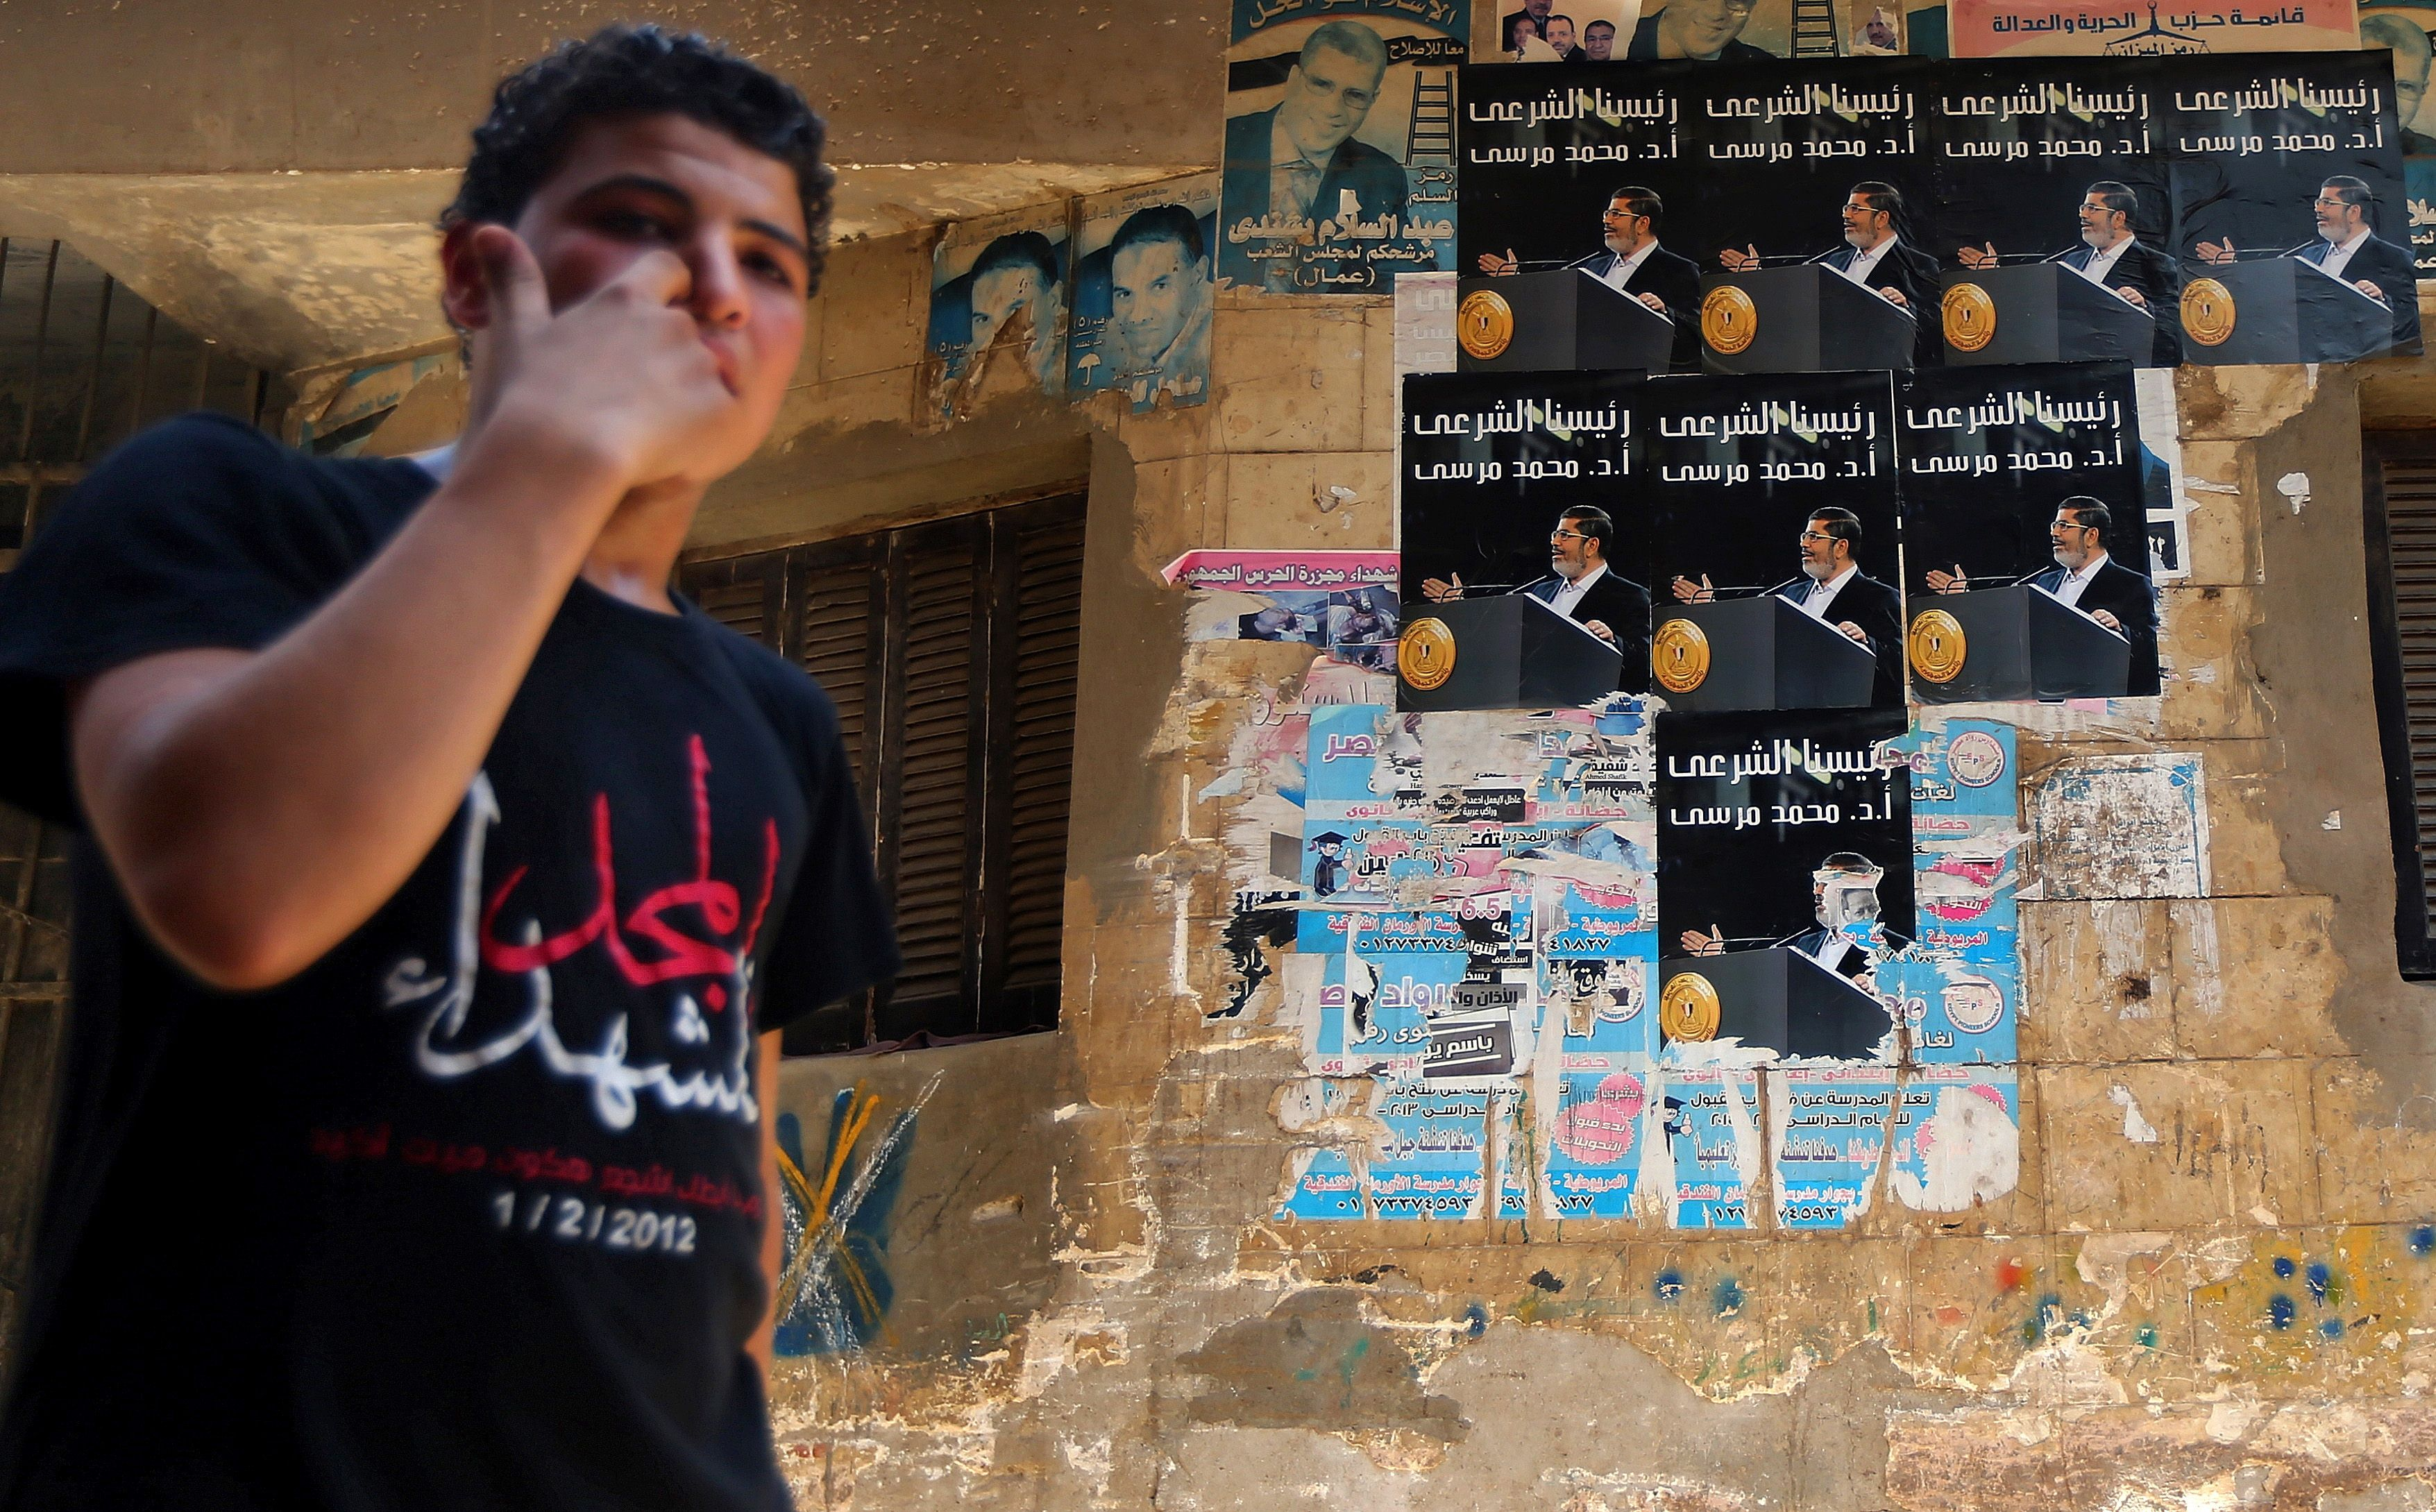 EGYPT-VOTE